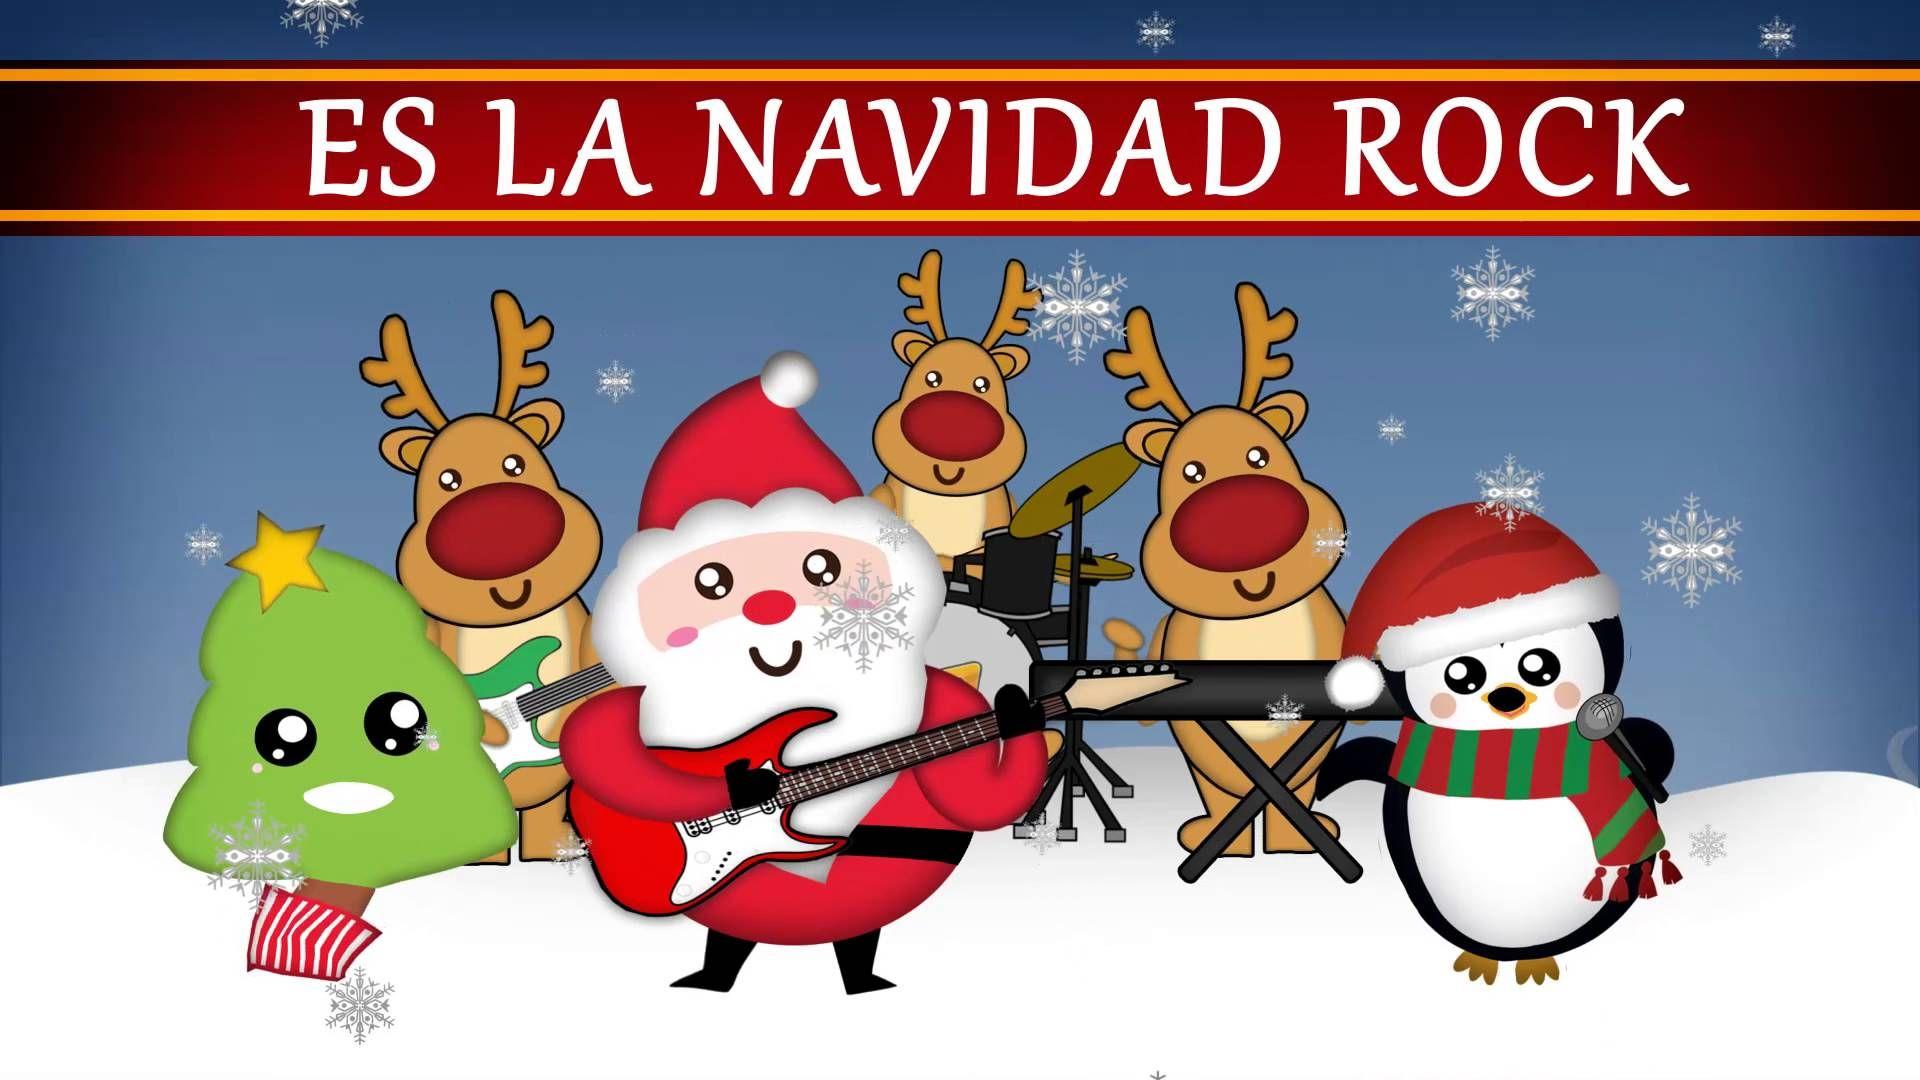 Lado Divertido Navidad Rock Lyric Video Villancicos Navideños Para Niños Villancicos Navideños Bailes De Navidad